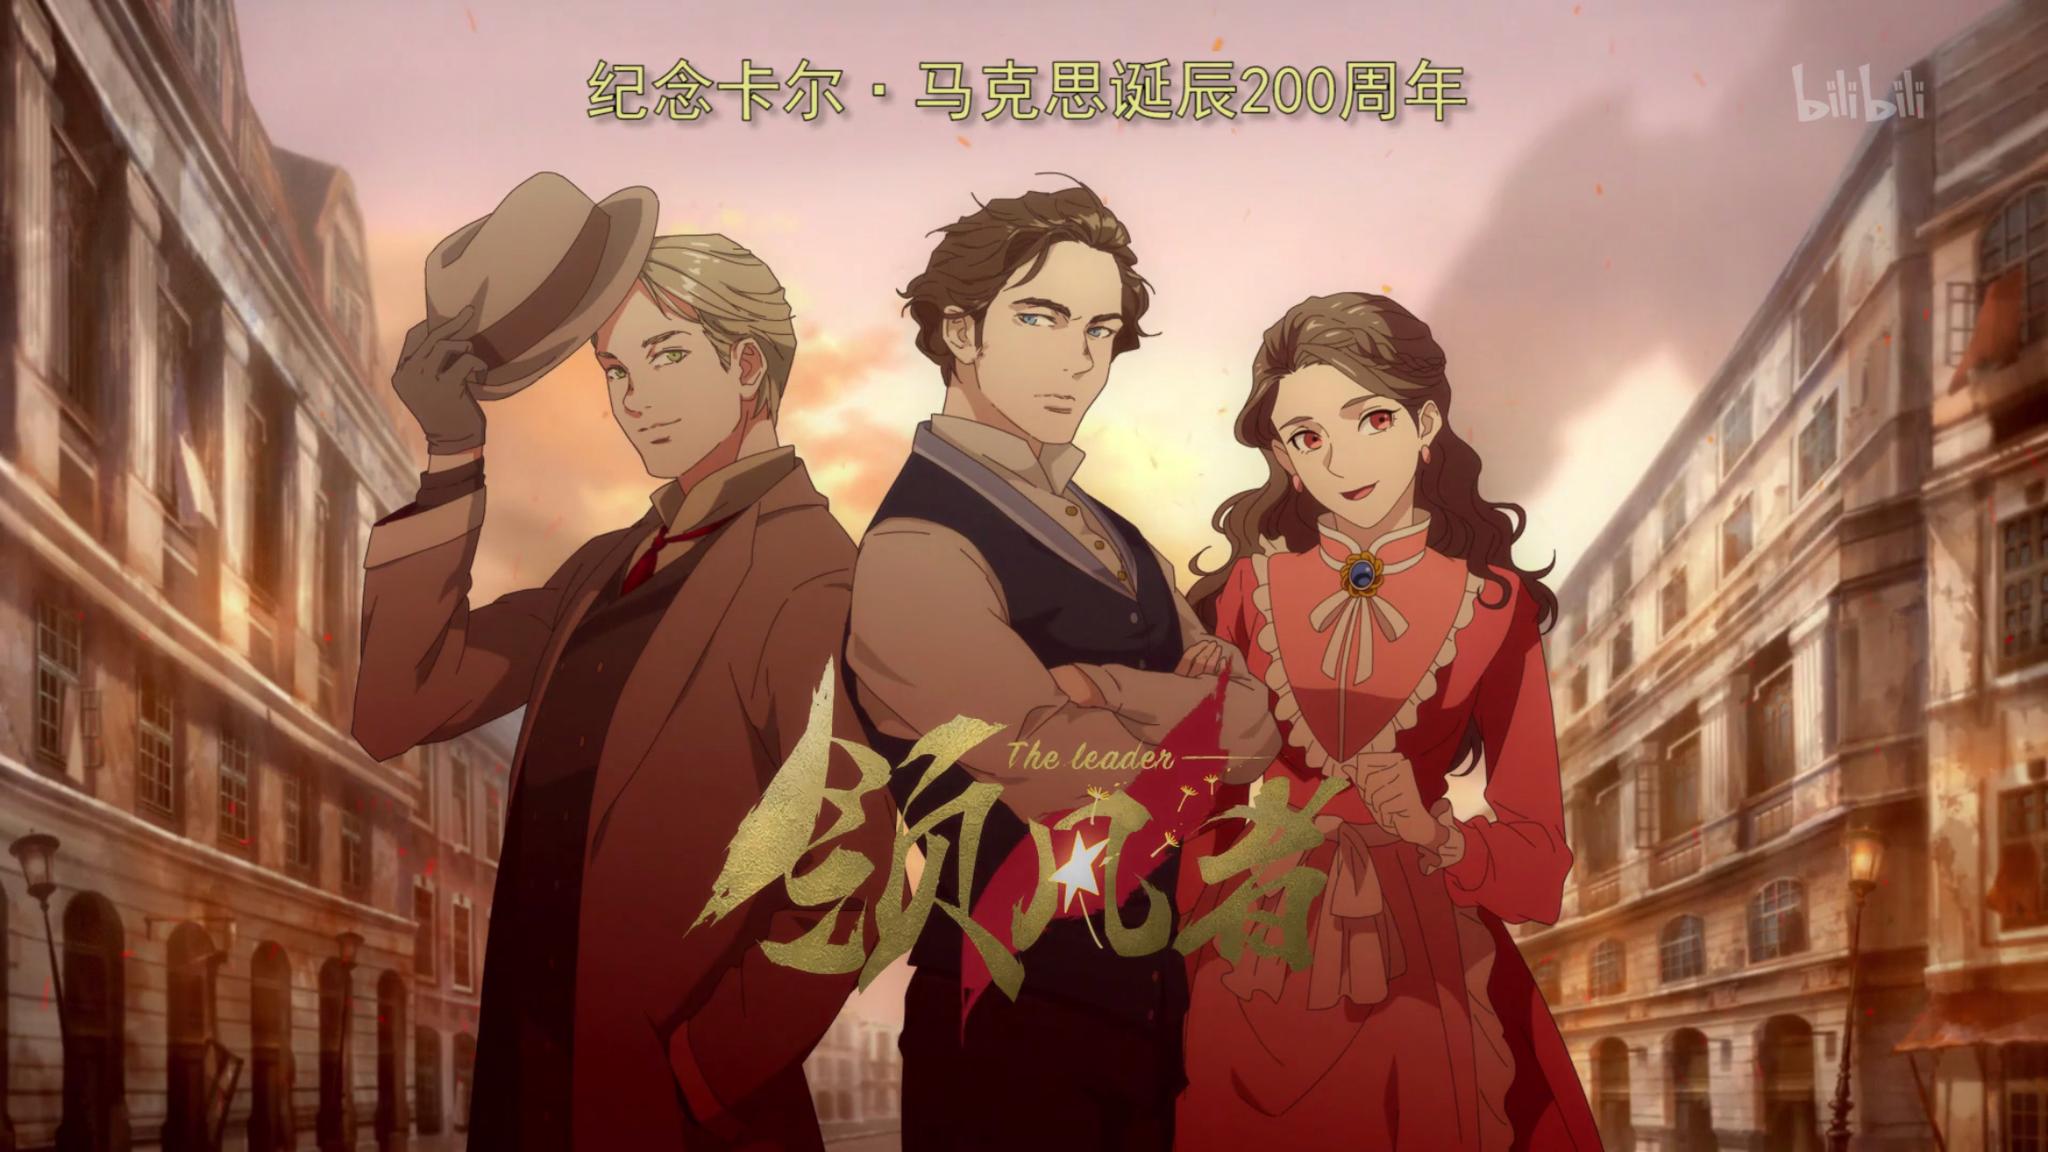 《领风者》海报中,从左至右为恩格斯、马克思、燕妮。